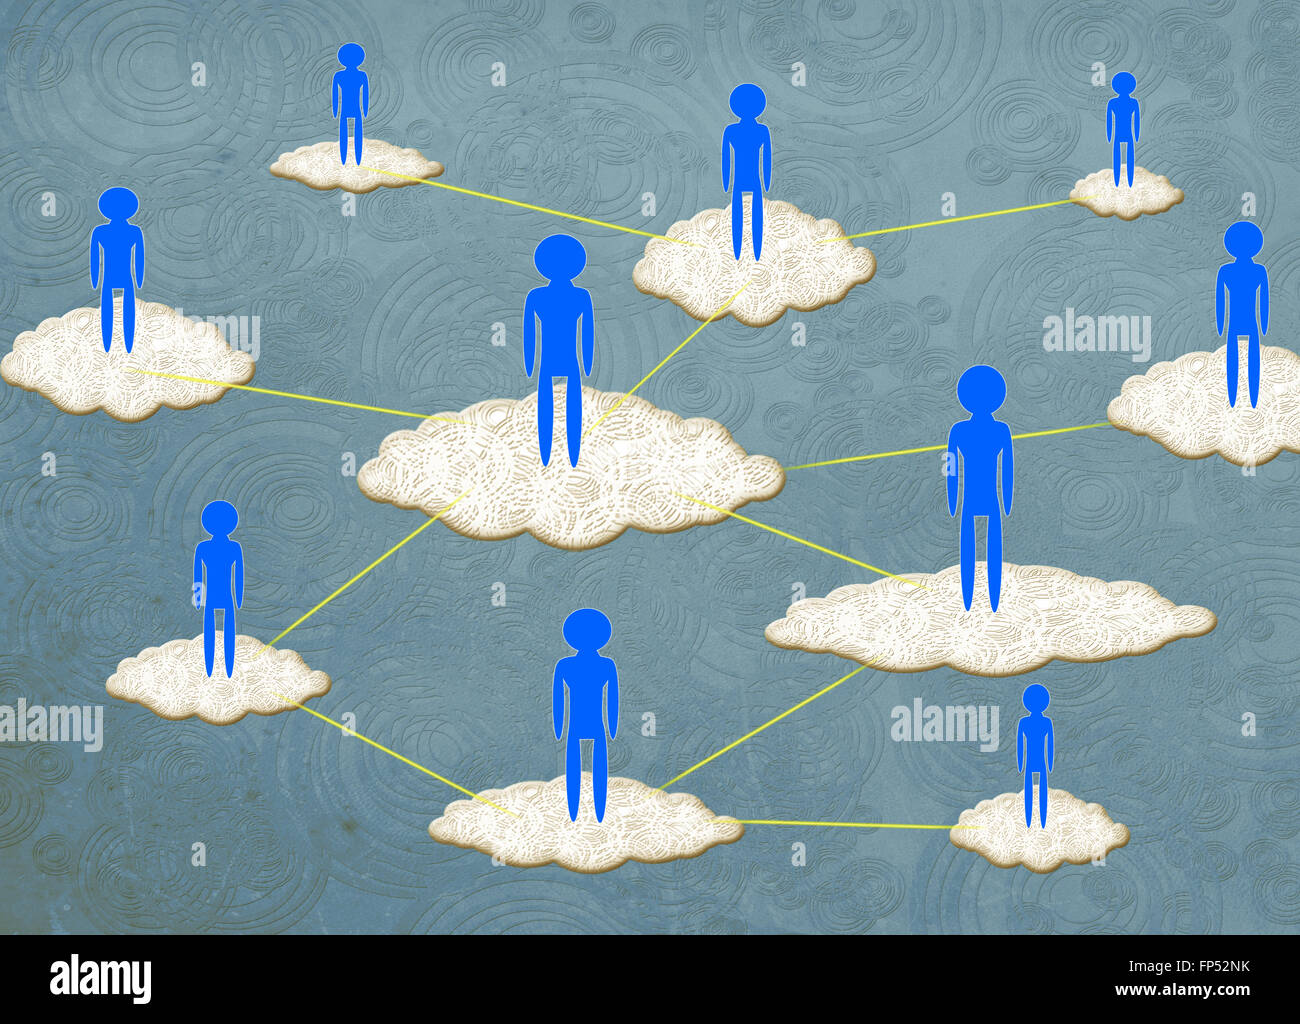 Concepto de cloud computing ilustración digital Imagen De Stock